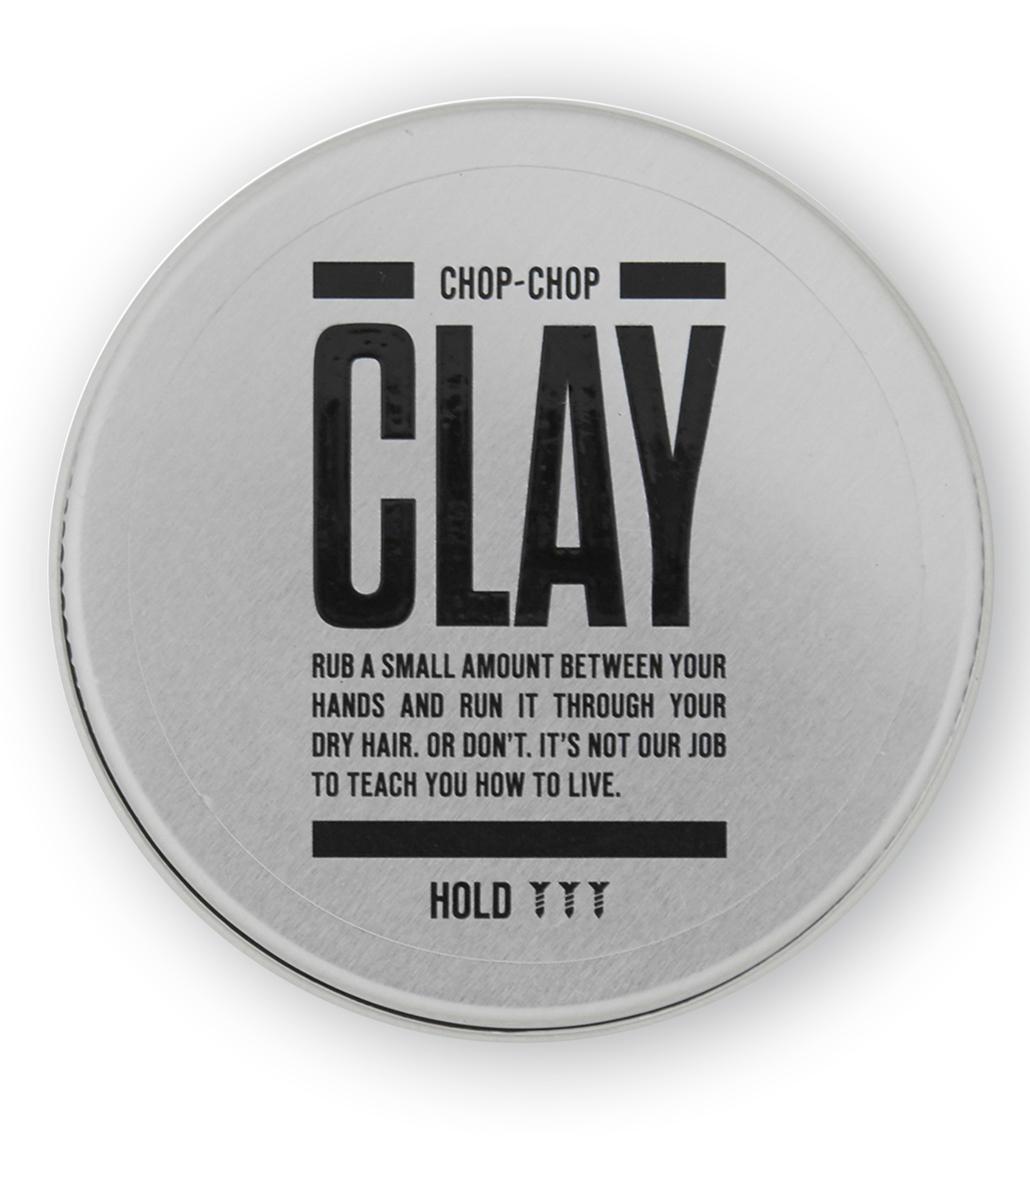 Chop-Chop Глина для волос, 50 млCHPCHP.CLAYГлина для укладки волос с сильной фиксацией, которая идеальна для классических коротких мужских стрижек. Эта глина вобрала в себя весь опыт мастеров самой крупной сети мужских парикмахерских в мире CHOP-CHOP. Активные ингредиенты За гладкость и стойкость прически отвечает пчелиный воск. Благодаря масляным компонентам сырой пчелиный воск естественным образом защищает и питает волосы и кожу головы. Процентное содержание более 20%. В основе смеси эфирных масел- глубокий и сложный аромат самого дорогого эфирного масла душистого тропического растения ветивера в сочетании с бергамотом и мандарином. Процентное содержание около 0,5%. Содержит натуральную белую глину. Процентное содержание - более 30%. Не содержит консервантов! Глина для укладки волос с сильной фиксацией, которая идеальна для классических коротких мужских стрижек. Эта глина вобрала в себя весь опыт мастеров самой крупной сети мужских парикмахерских в мире CHOP-CHOP. Активные ингредиенты За гладкость и стойкость прически...